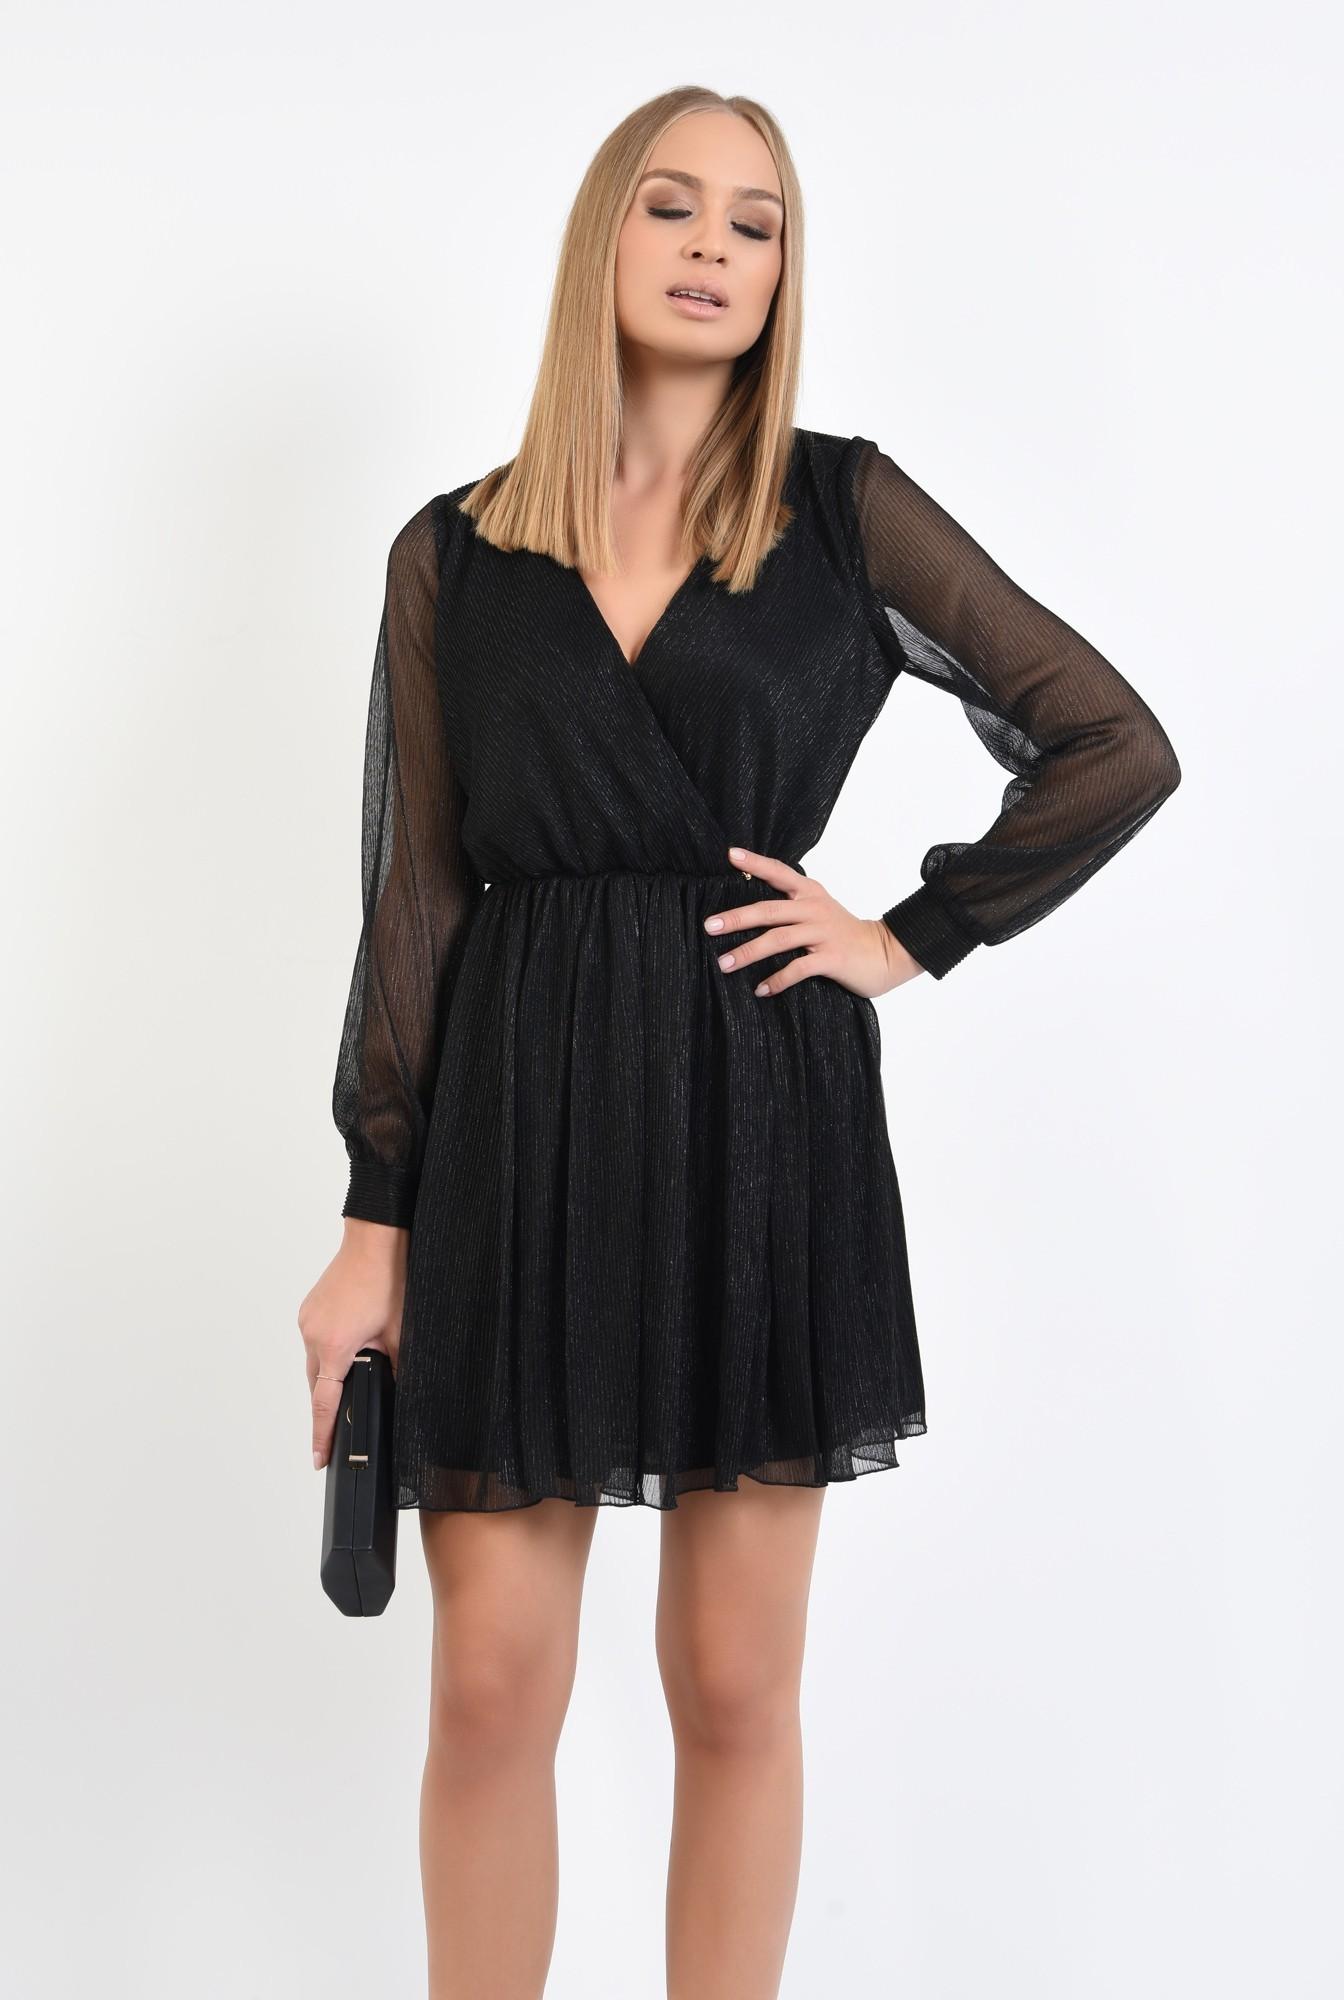 0 - 360 - rochie eleganta, mini, anchior petrecut, negru